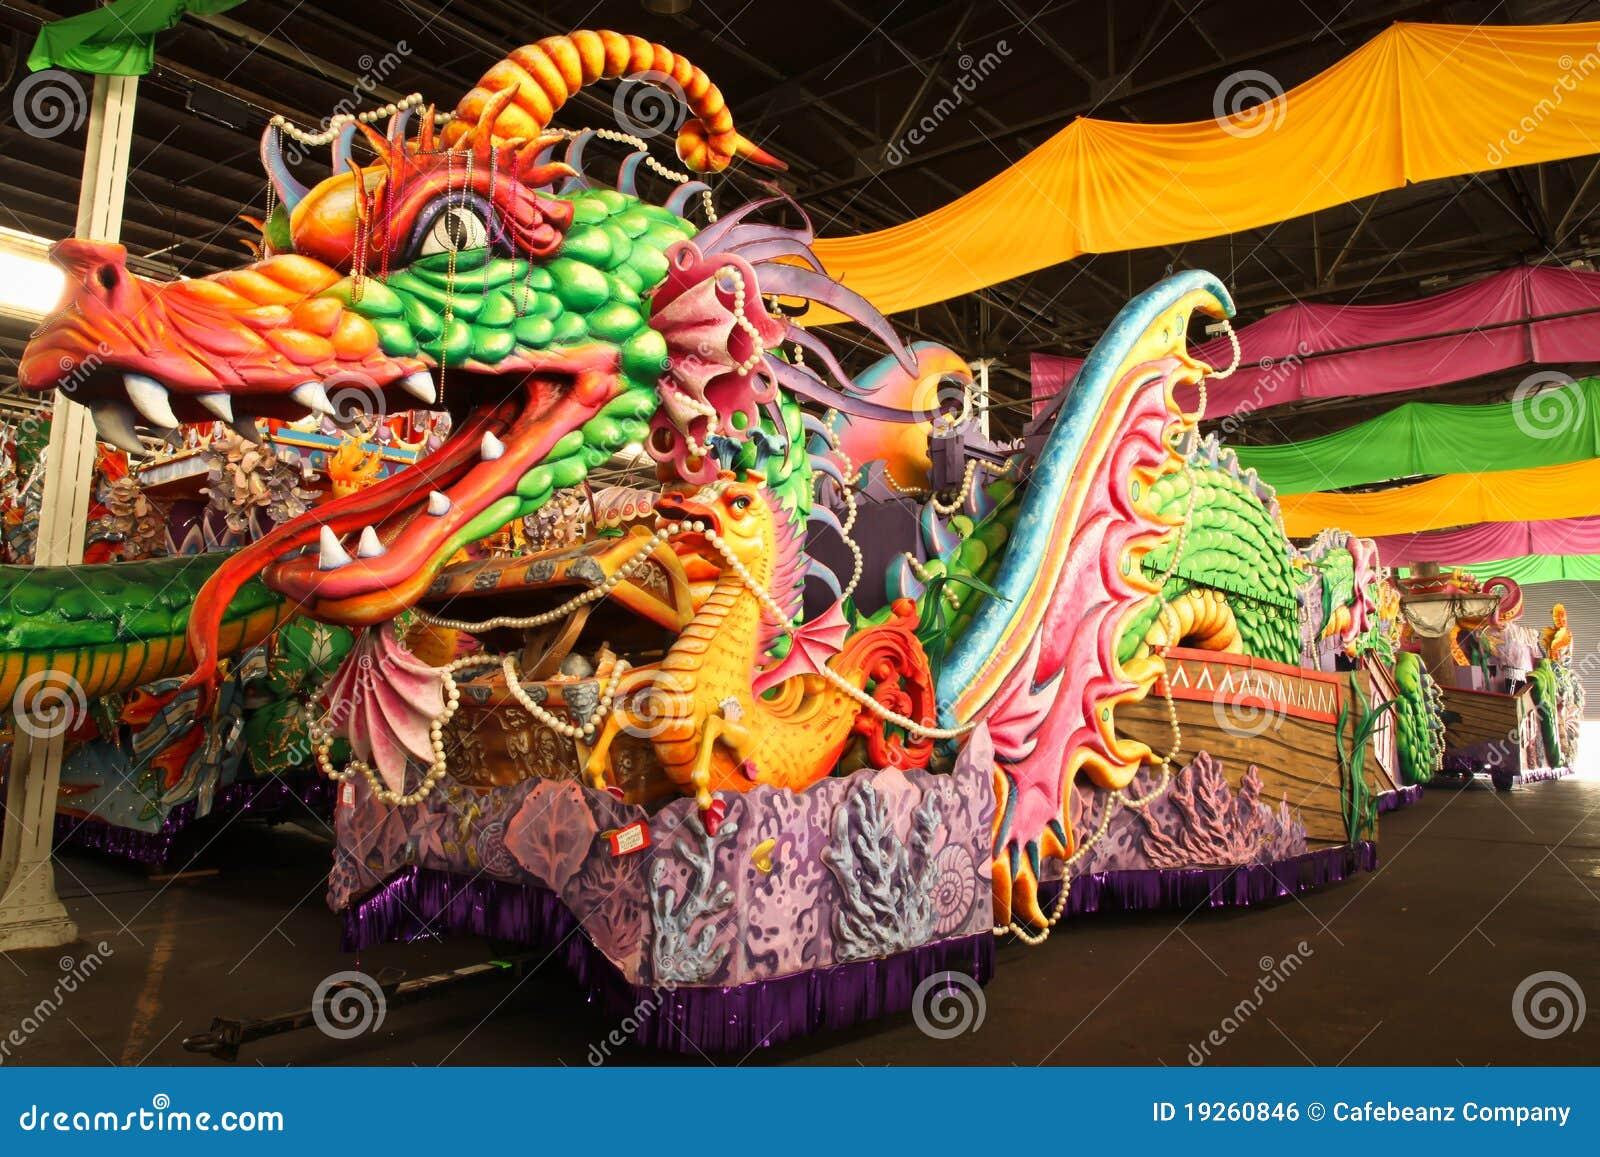 Flotador del desfile del carnaval